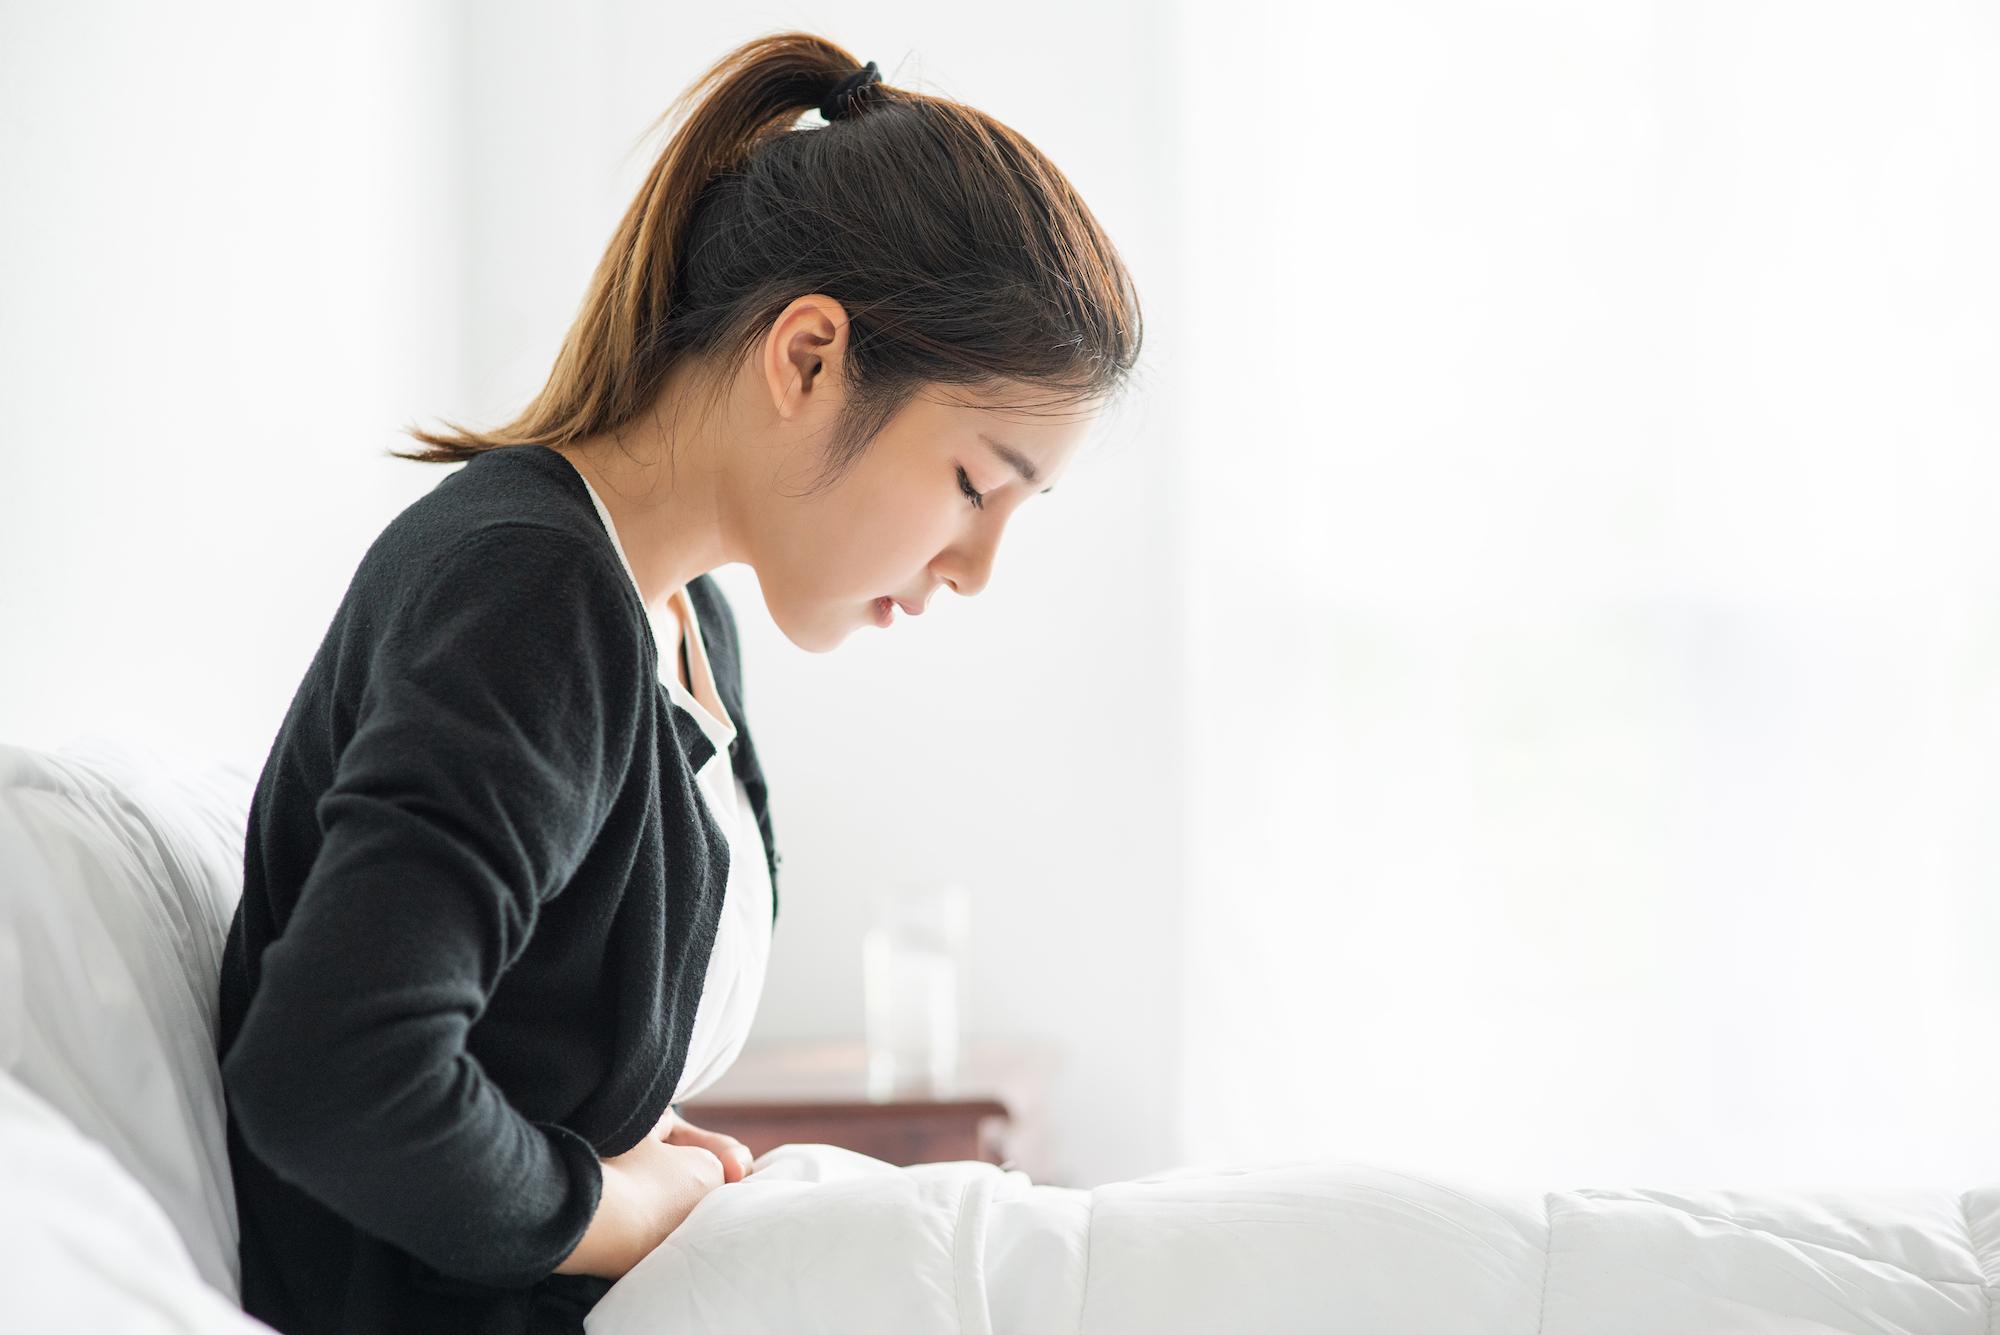 GYNEKOLOGICKÉ ZÁNĚTY OHROŽUJÍ ŽENSKOU PLODNOST